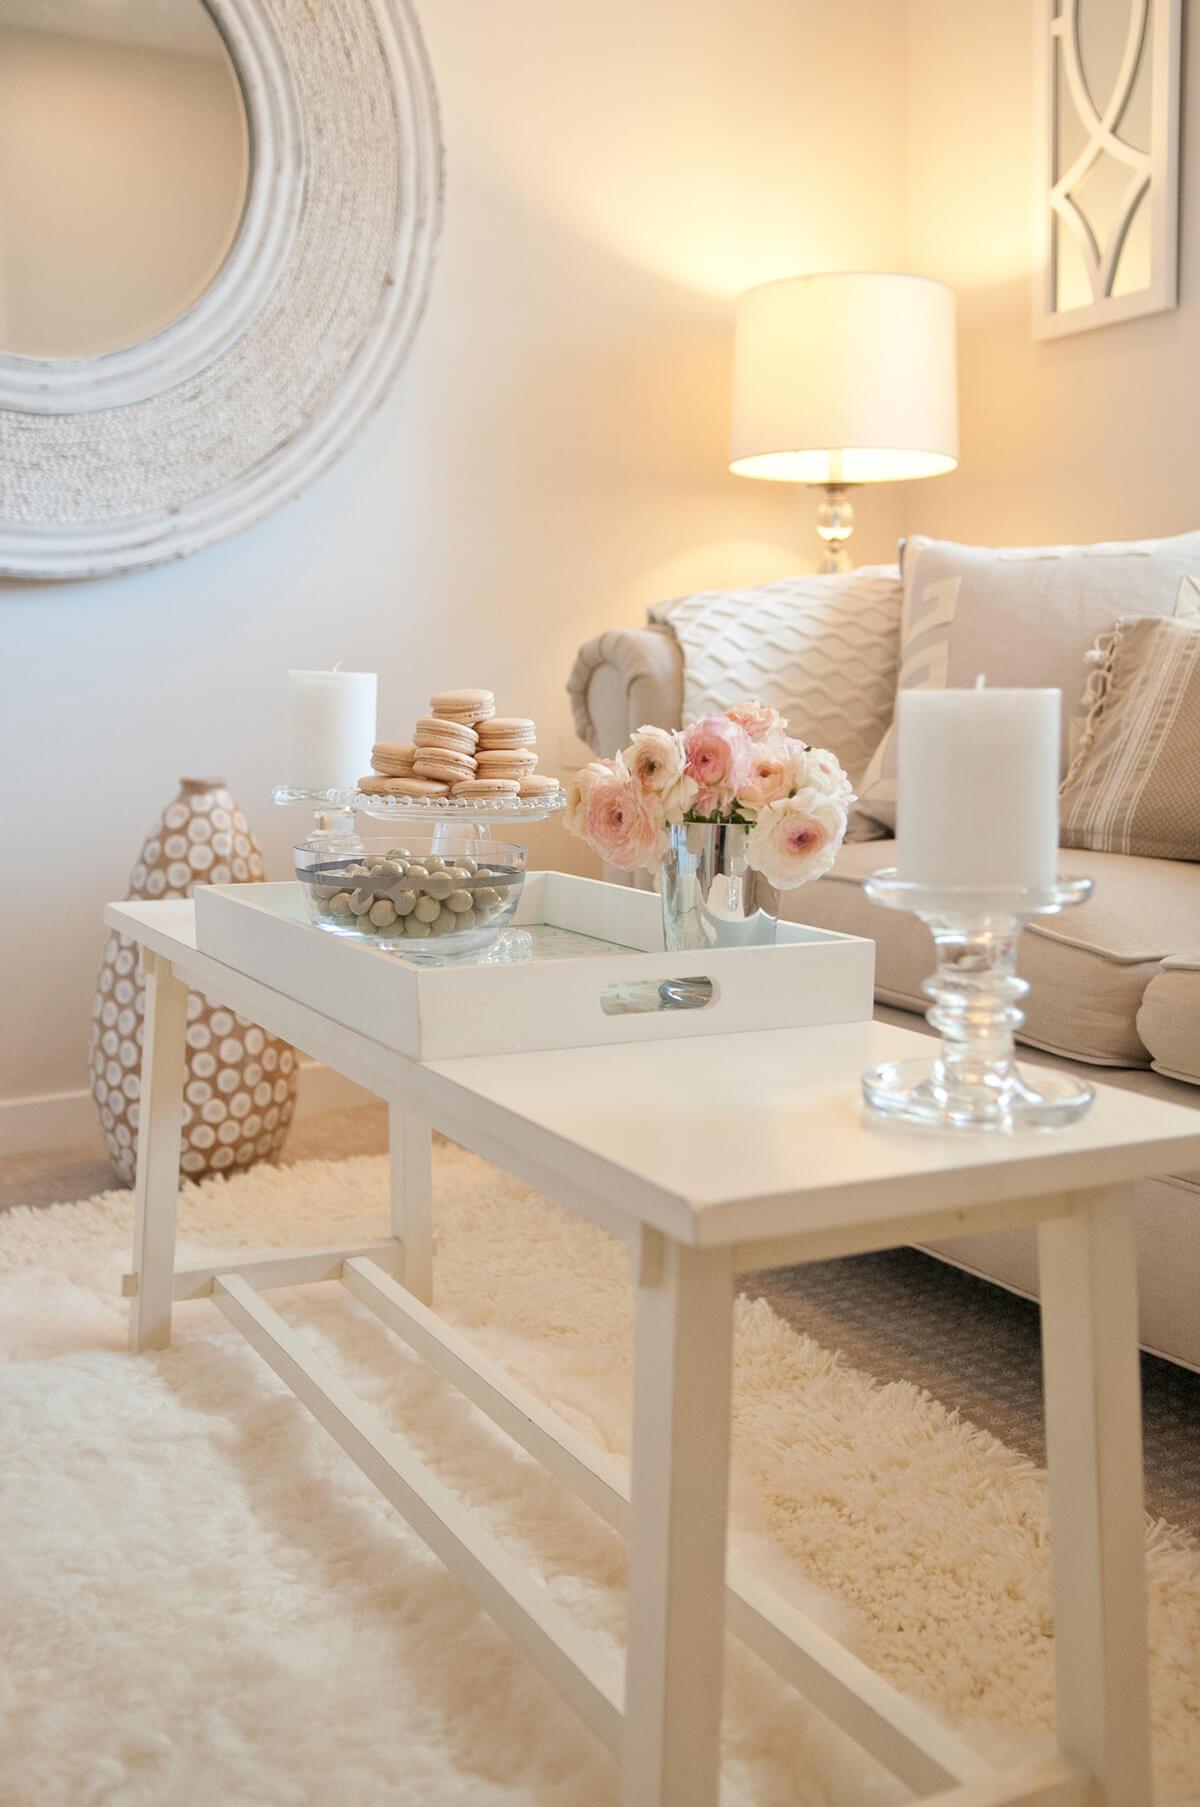 Plateau Décoratif Cottage-Chic Champagne Rose et Blanc